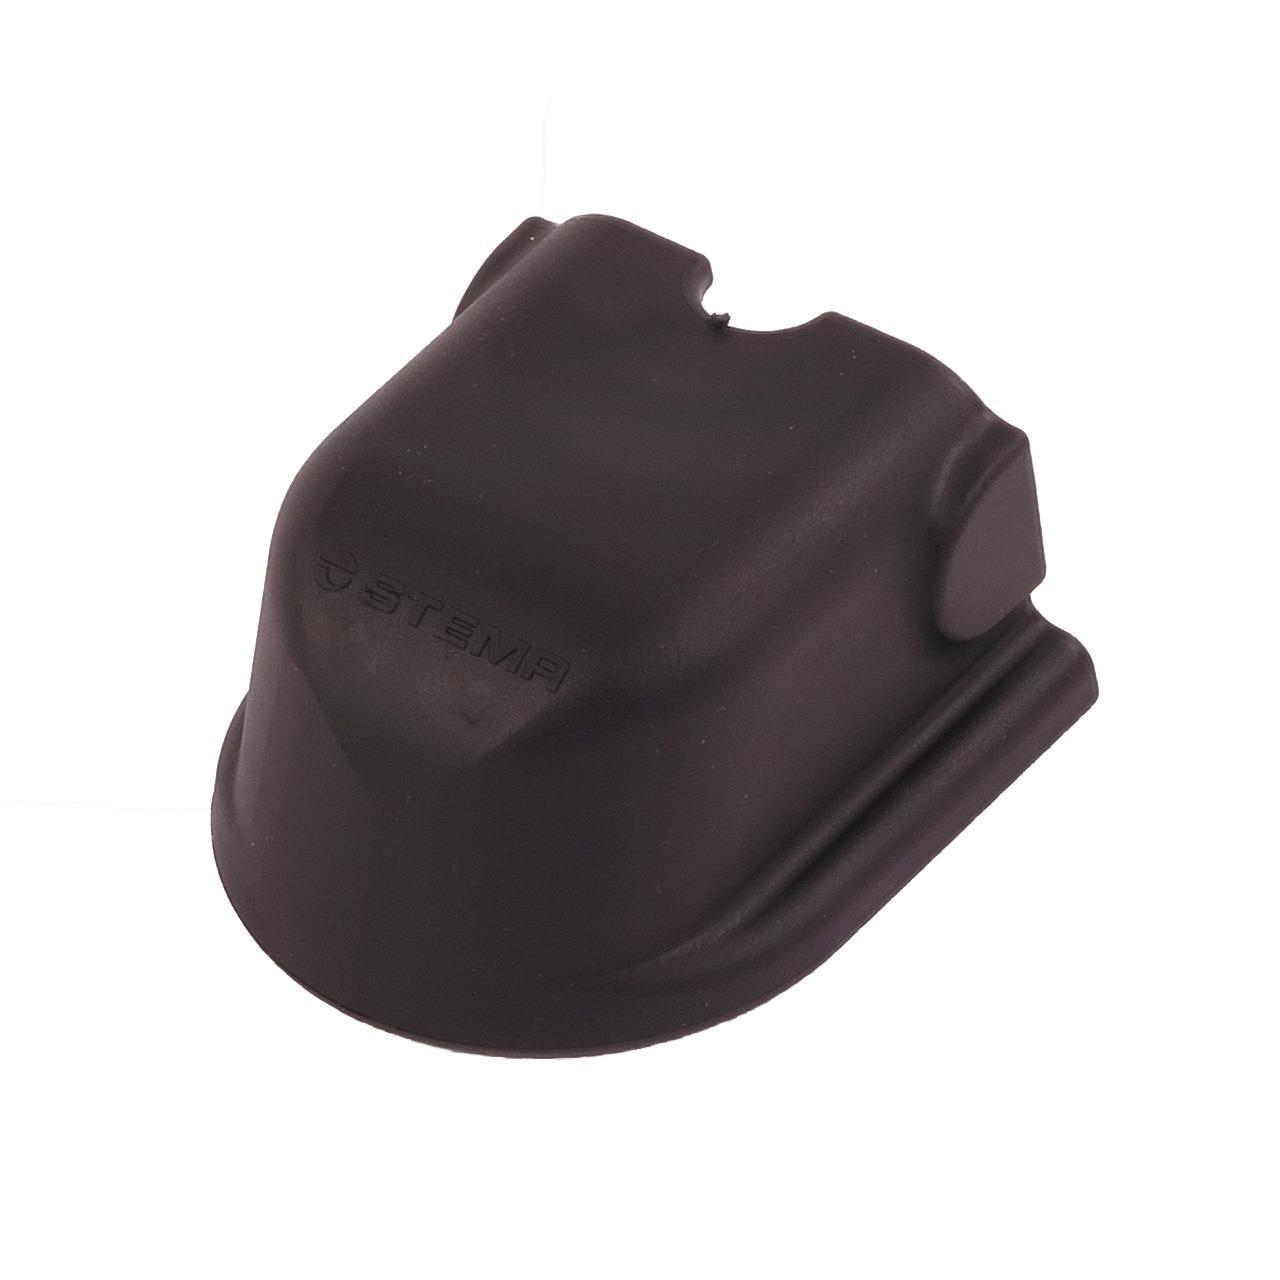 STEMA Kupplungsschutzkappe Black Nose